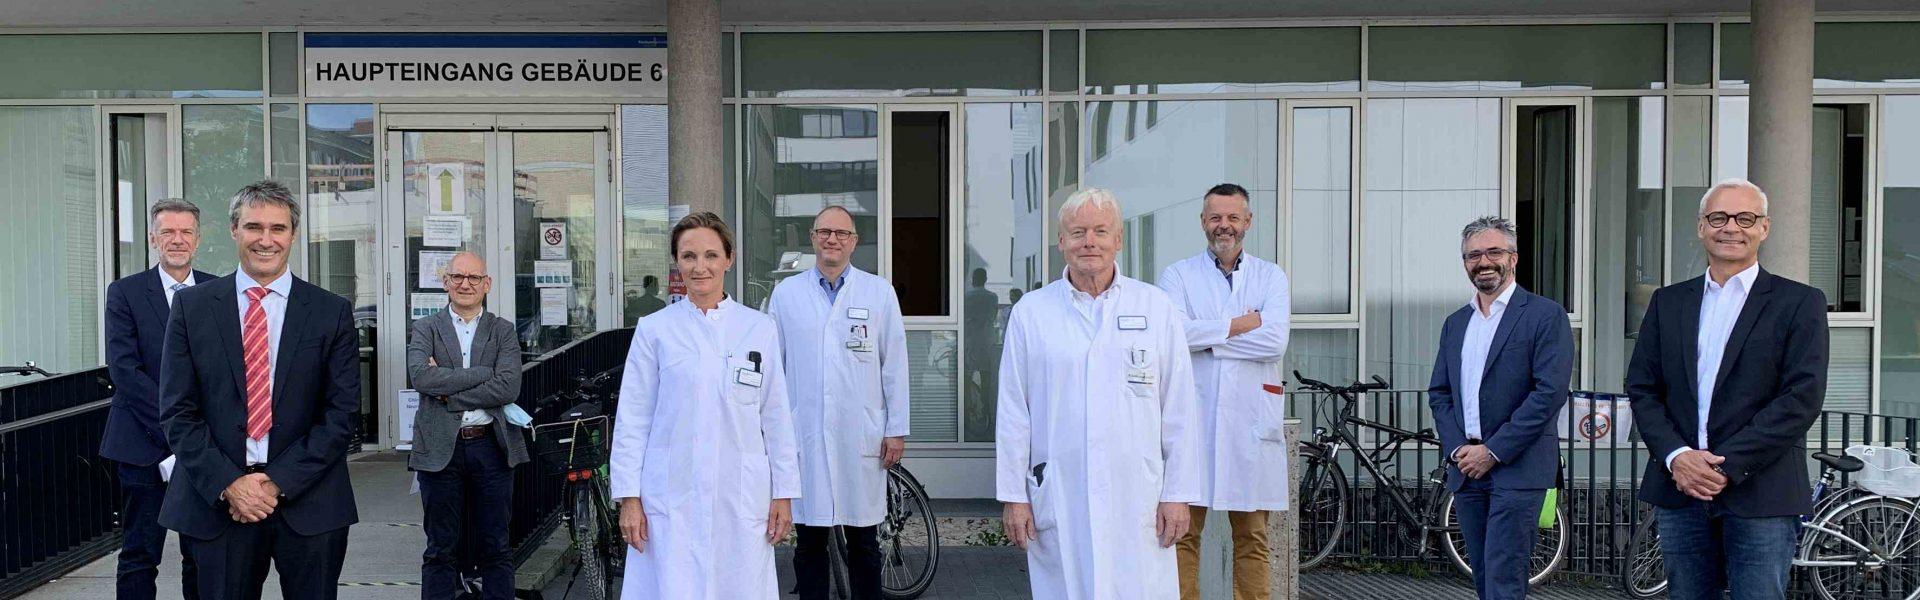 Header Bild Spezialisierte Patientenversorgung dank überregionaler Zusammenarbeit